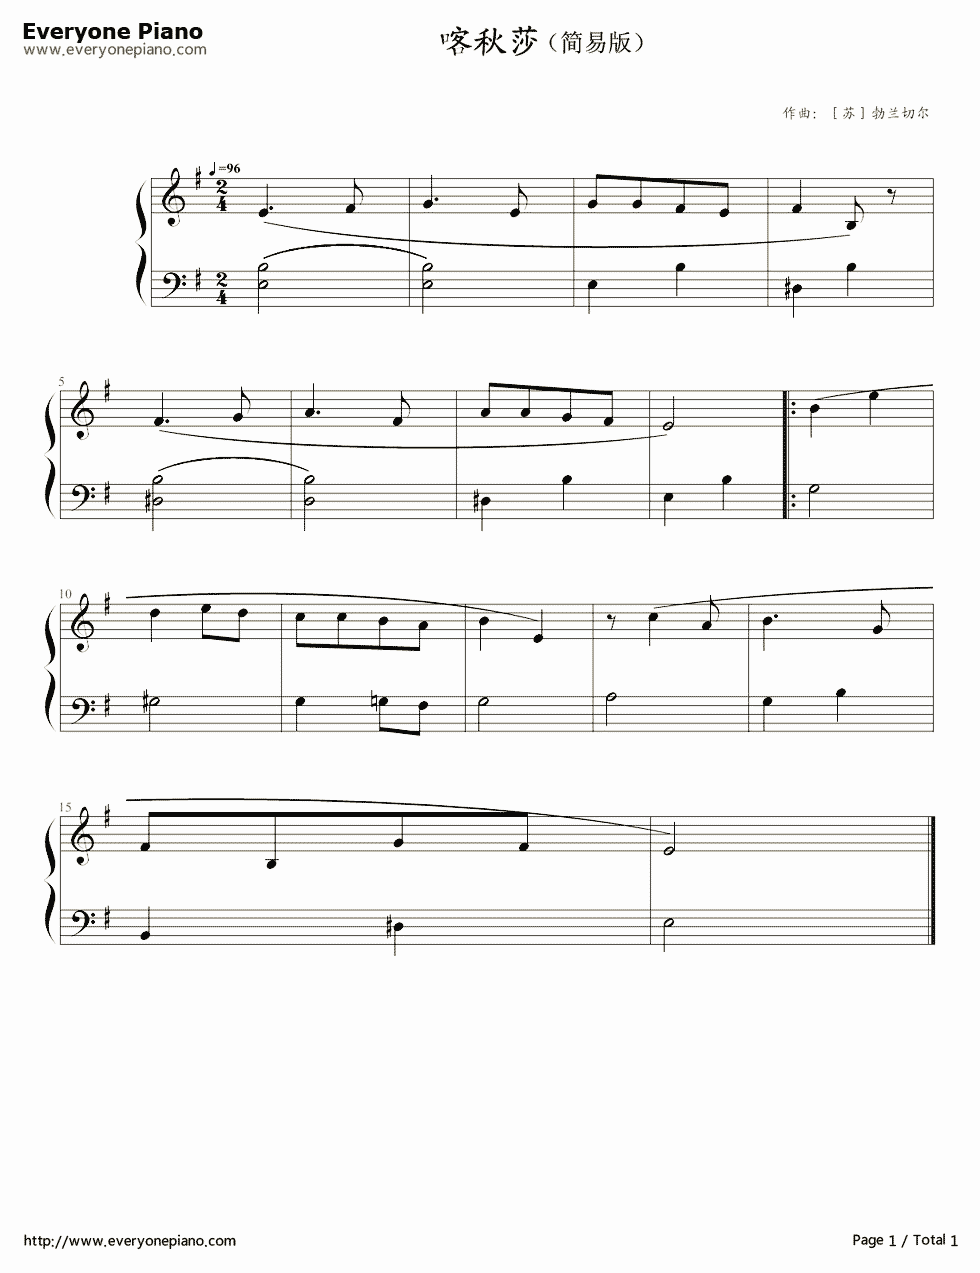 曲谱 练习曲 喀秋莎简单版-eop教学曲 喀秋莎简单版-eop教学曲五线谱